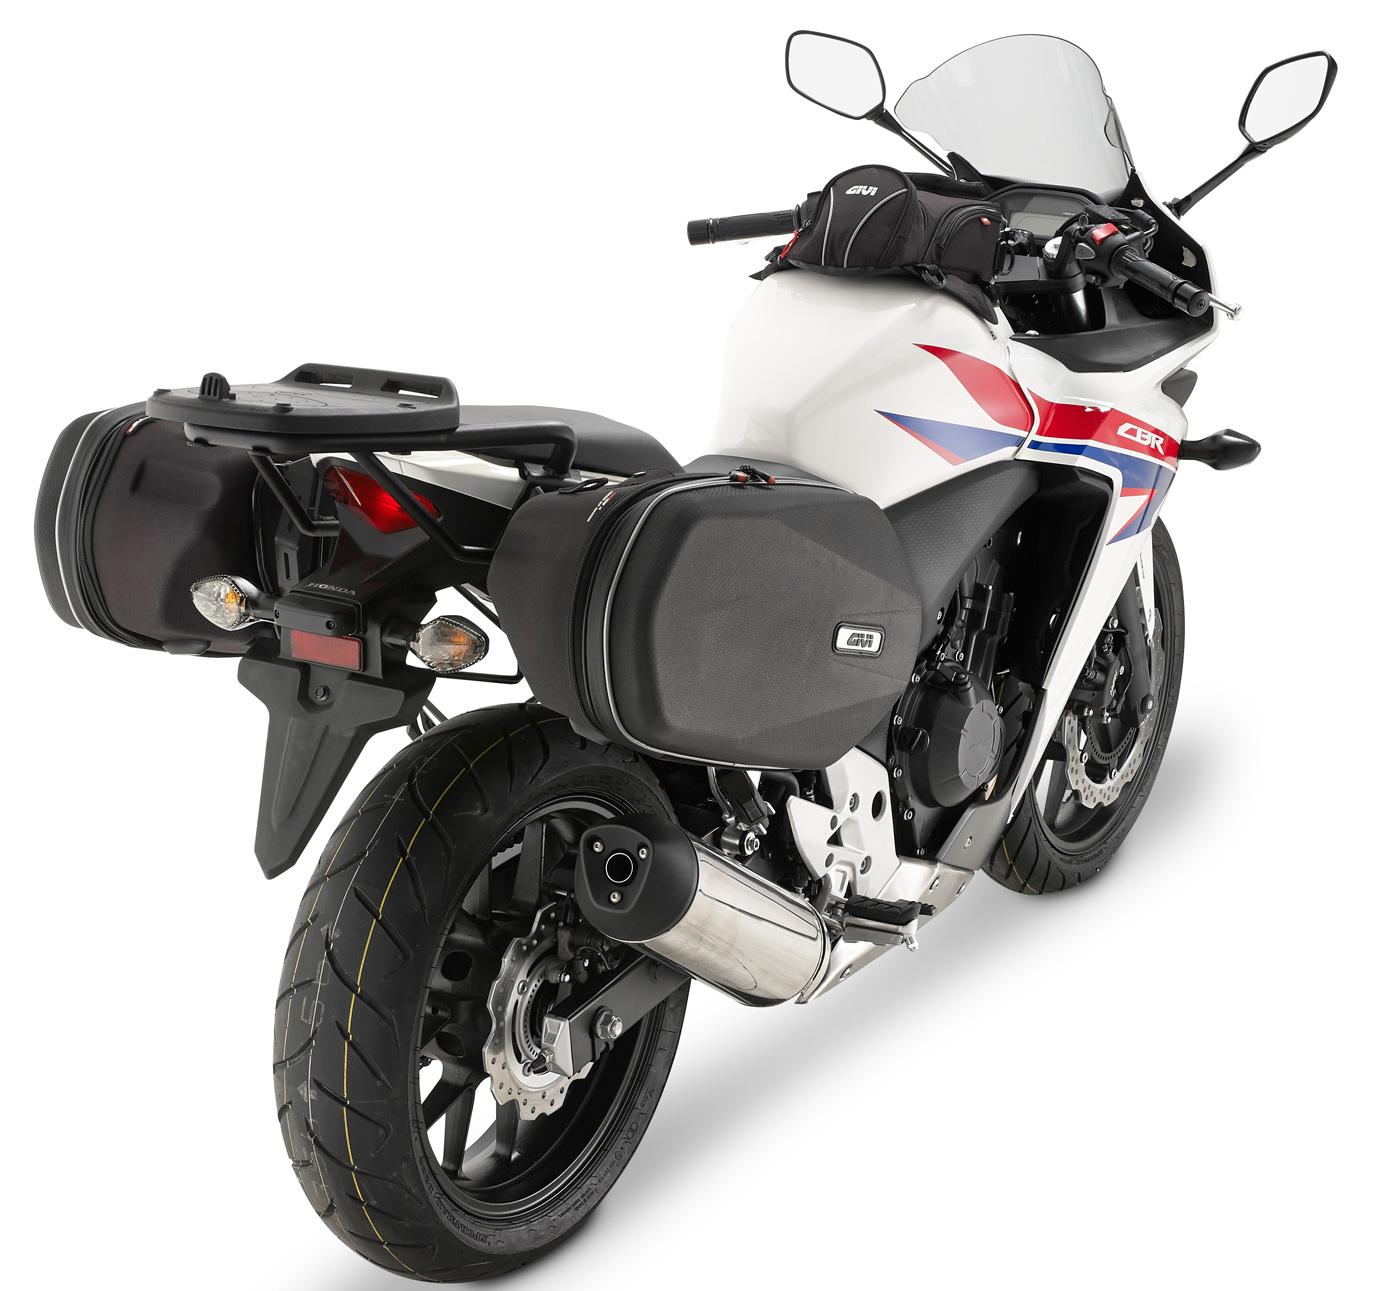 Honda nc700x review uk dating 5